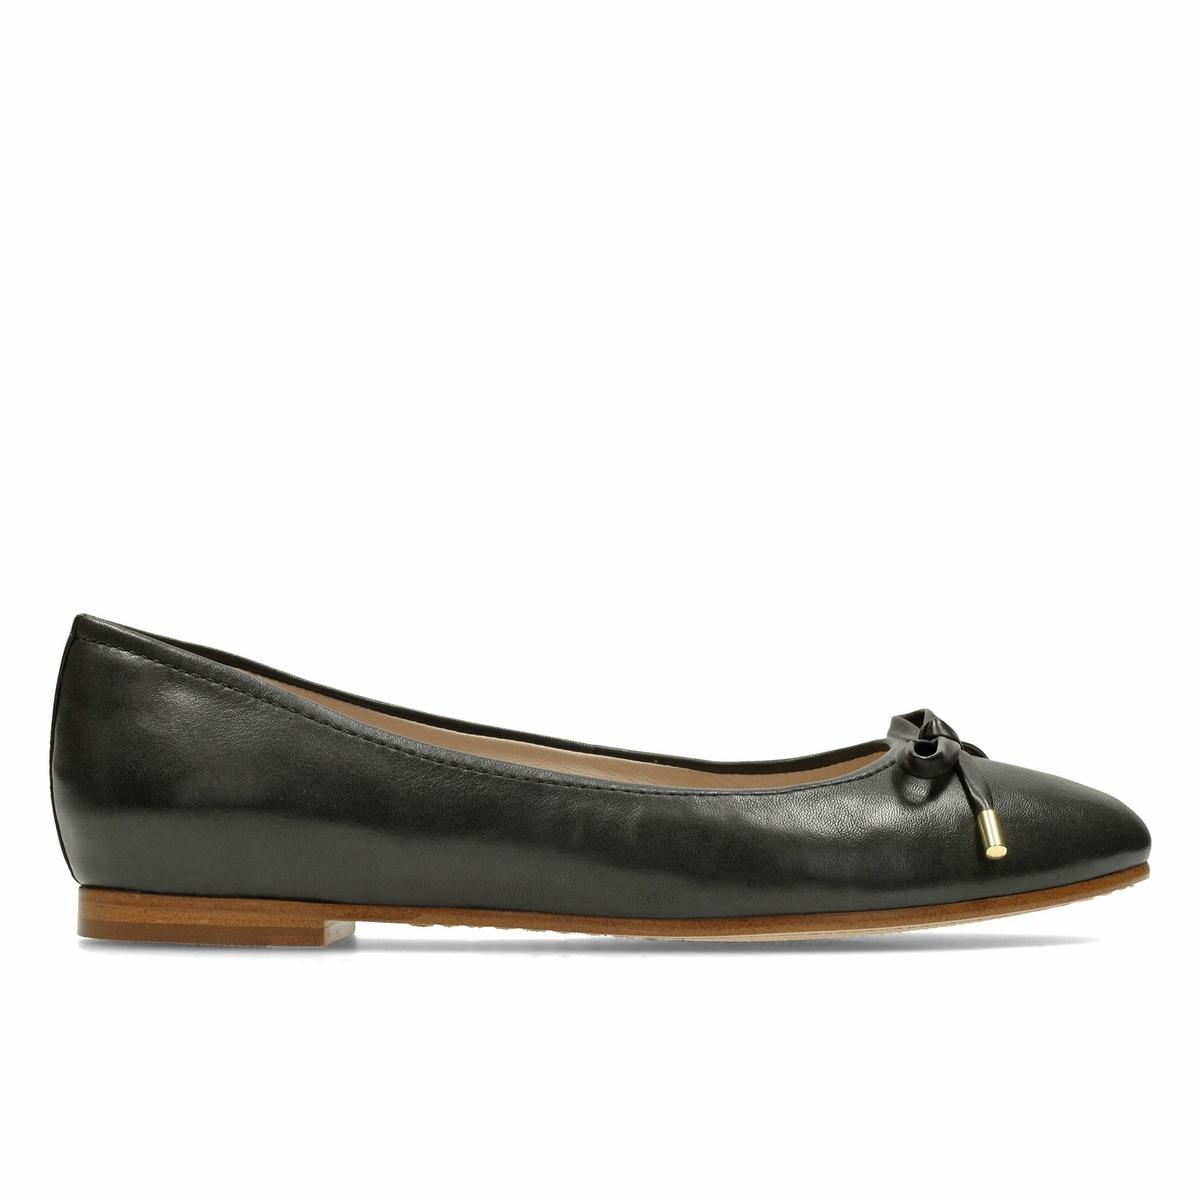 Балетки из кожи Grace LilyВерх : Кожа.   Подкладка : Кожа.   Стелька : Кожа.   Подошва : Каучук   Высота каблука : 1 см.   Форма каблука : плоский каблук   Мысок : закругленный   Застежка : Без застежки<br><br>Цвет: черный<br>Размер: 41.39